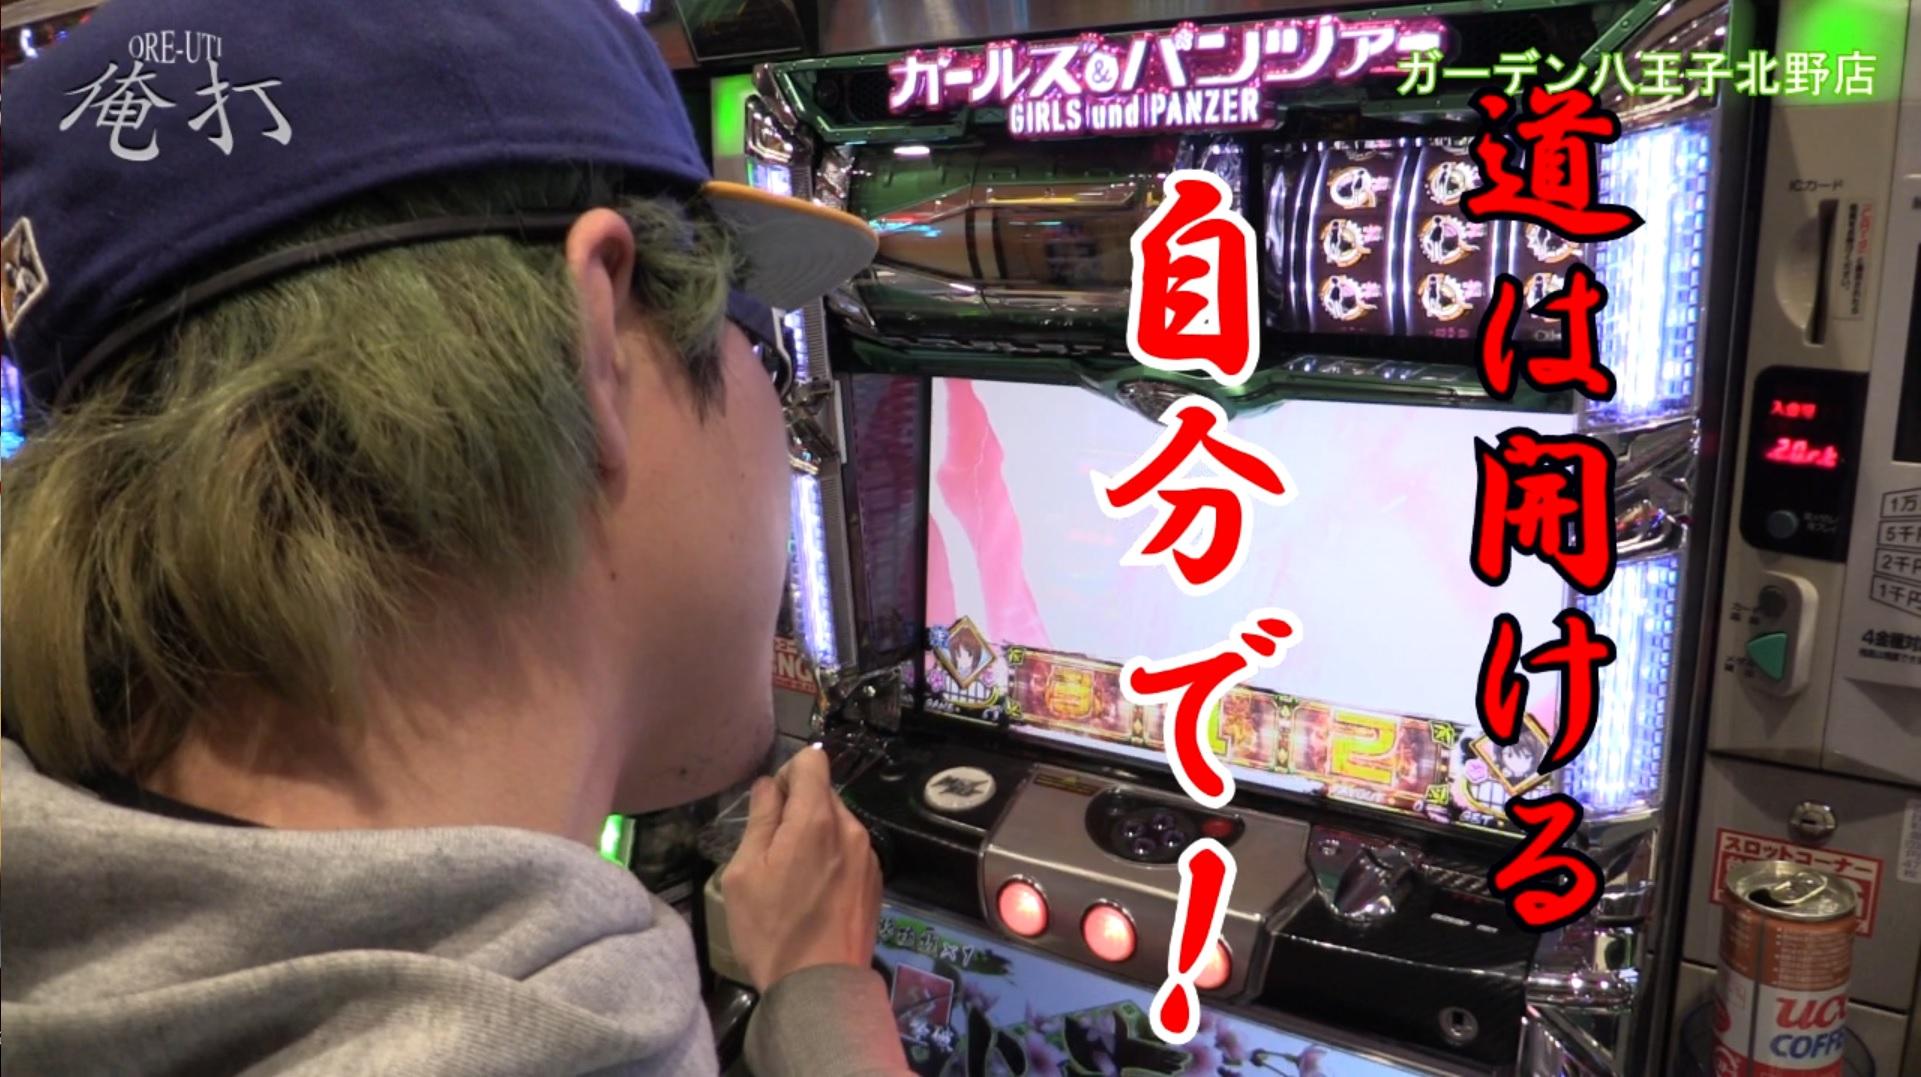 【#52】司芭扶が「俺打」で勝利への道を切り開いていった結果【SEVEN'S TV】